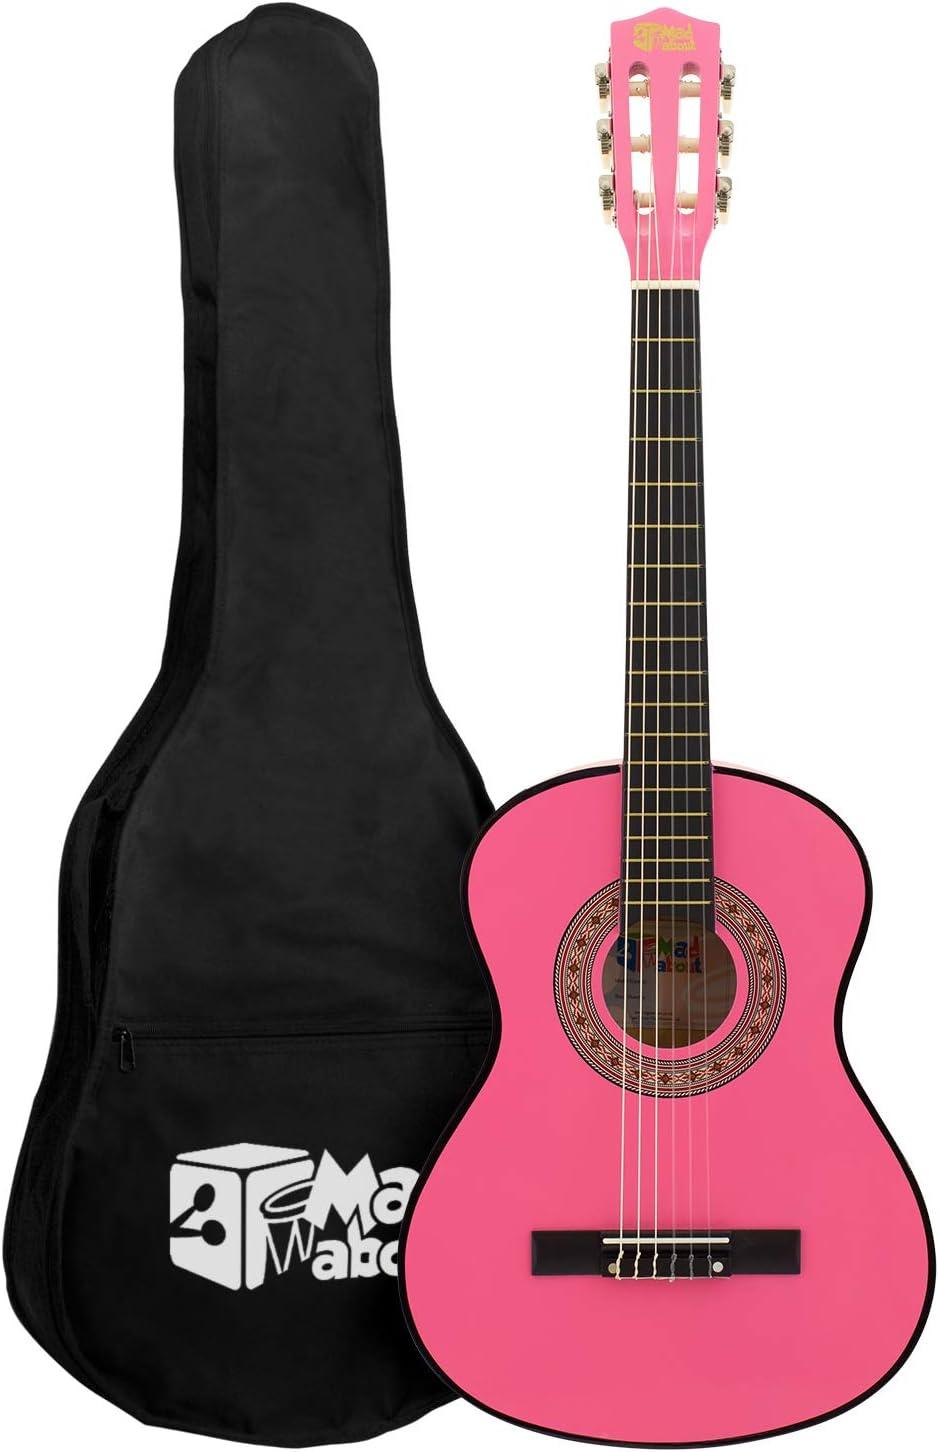 Guitarra clásica Mad About – Colorida guitarra española con bolsa de transporte, correa, púa y cuerdas de repuesto: Amazon.es: Instrumentos musicales